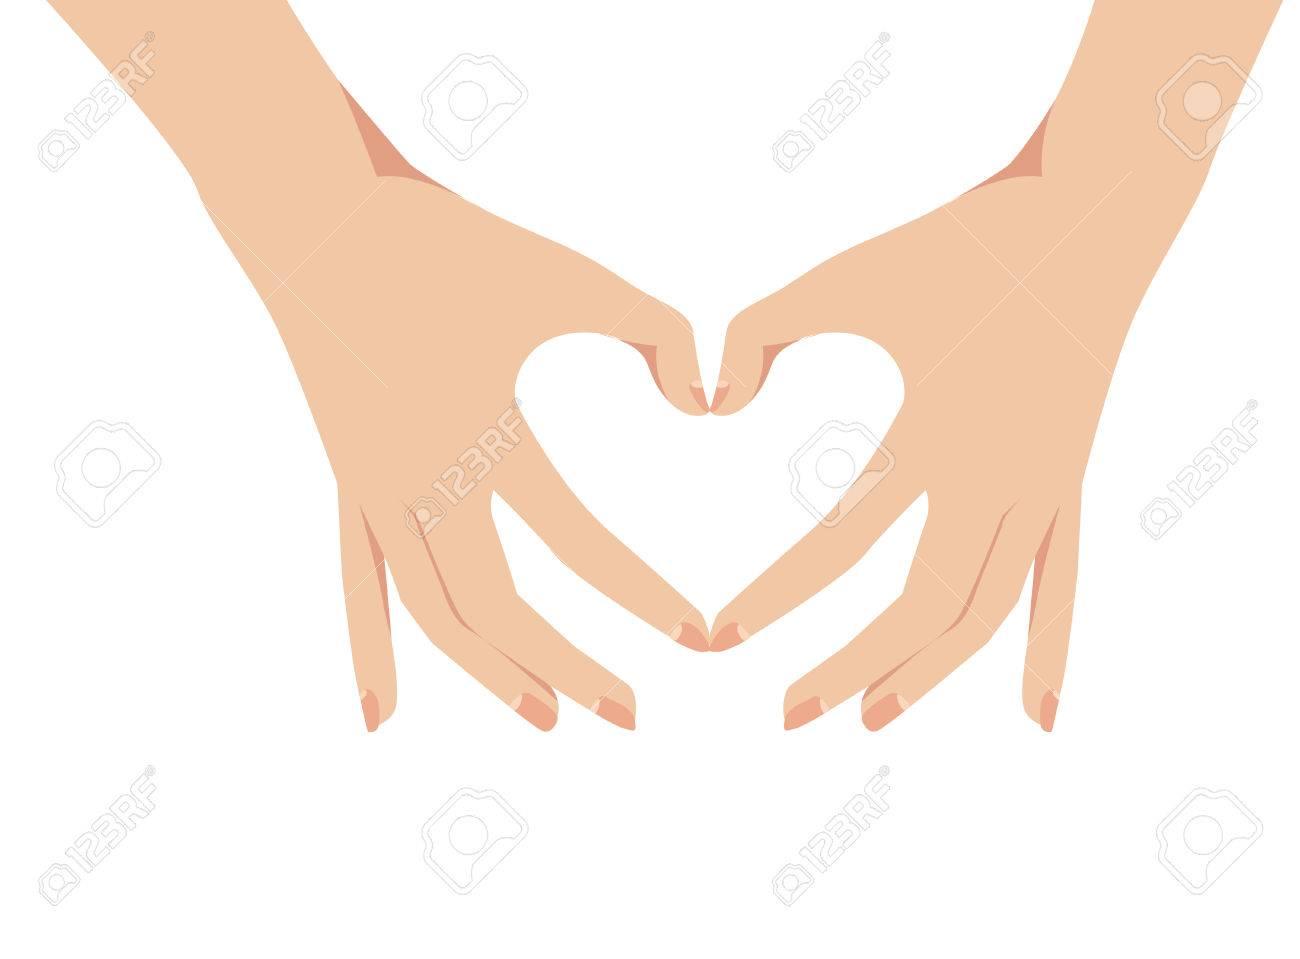 Weibliche Hande Bilden Ein Herz Symbol Vektor Illustration